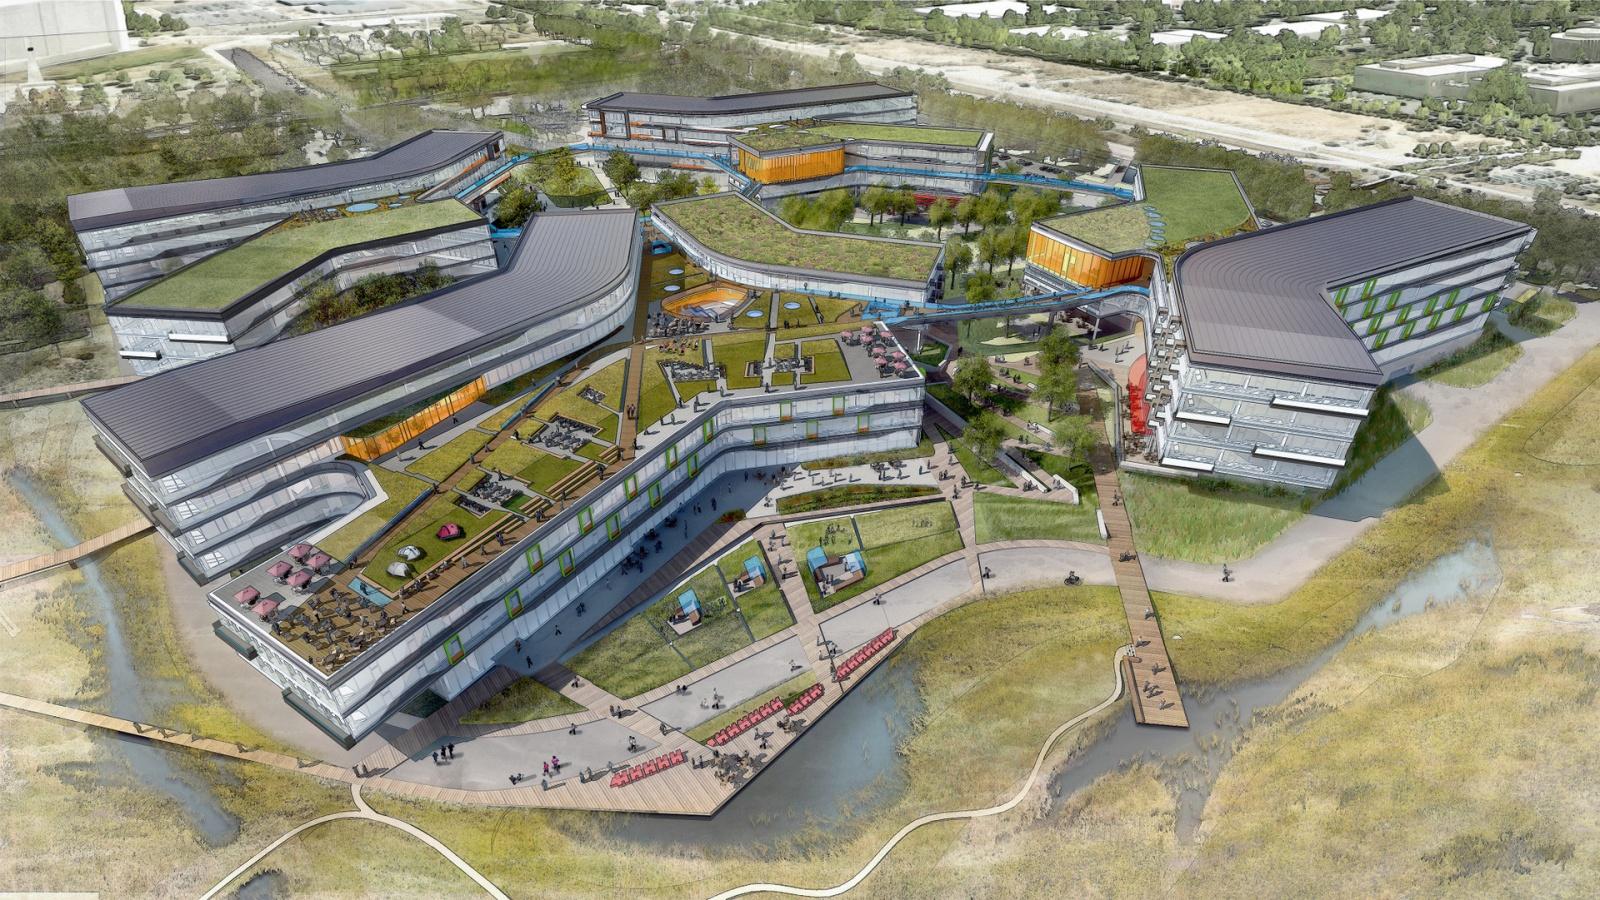 Взгляд в будущее: Как будут выглядеть штаб-квартиры крупных ИТ-компаний - 2